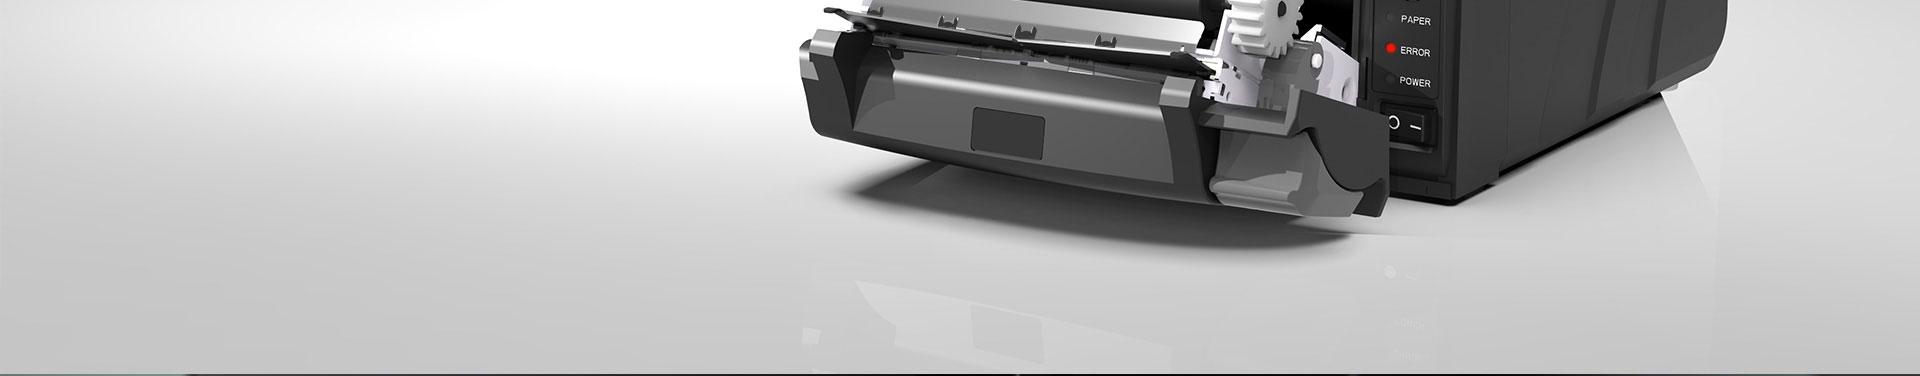 TP801热敏票据打印机  第3张